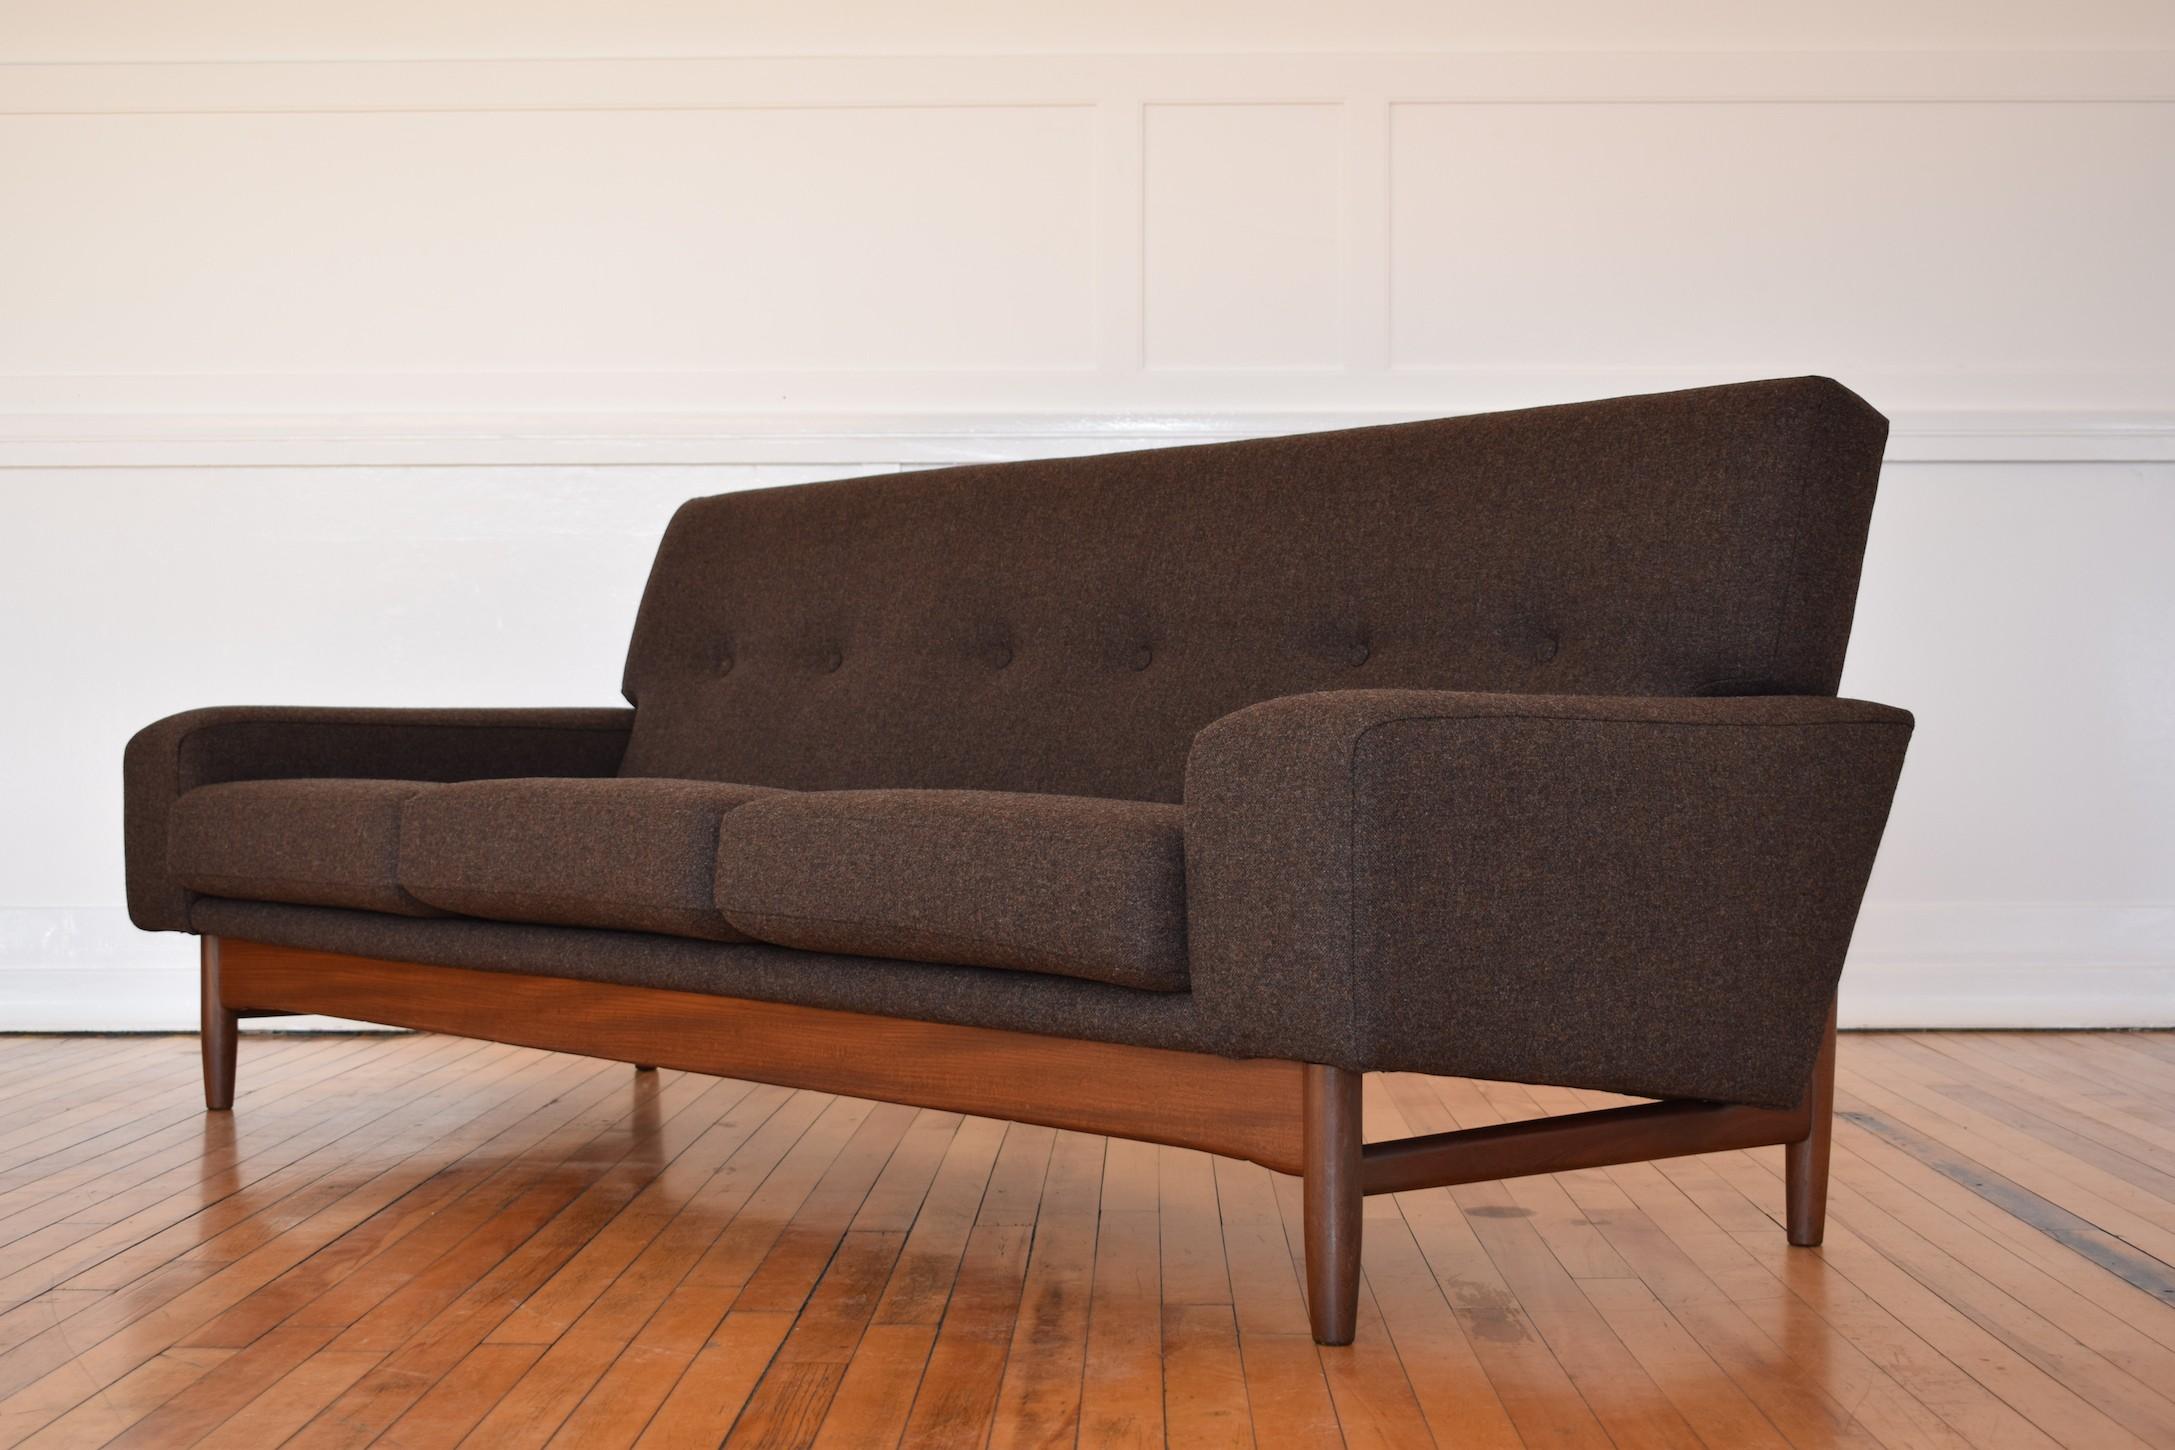 Vintage G Plan Sofa In Teak And Grey Wool Ib Kofod Larsen